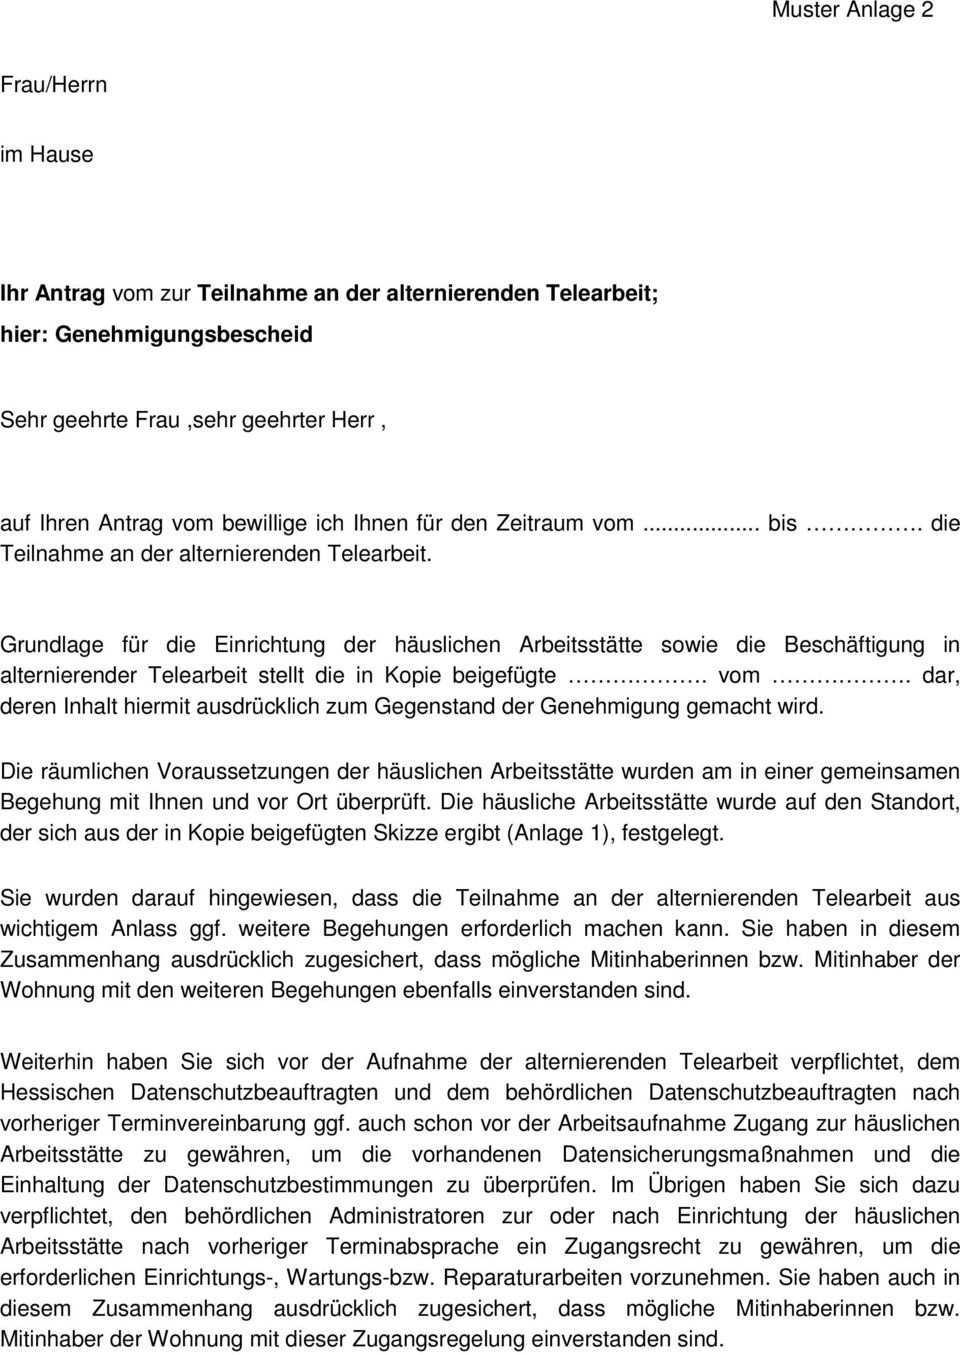 Alternierende Telearbeit In Der Hessischen Landesverwaltung Pdf Kostenfreier Download